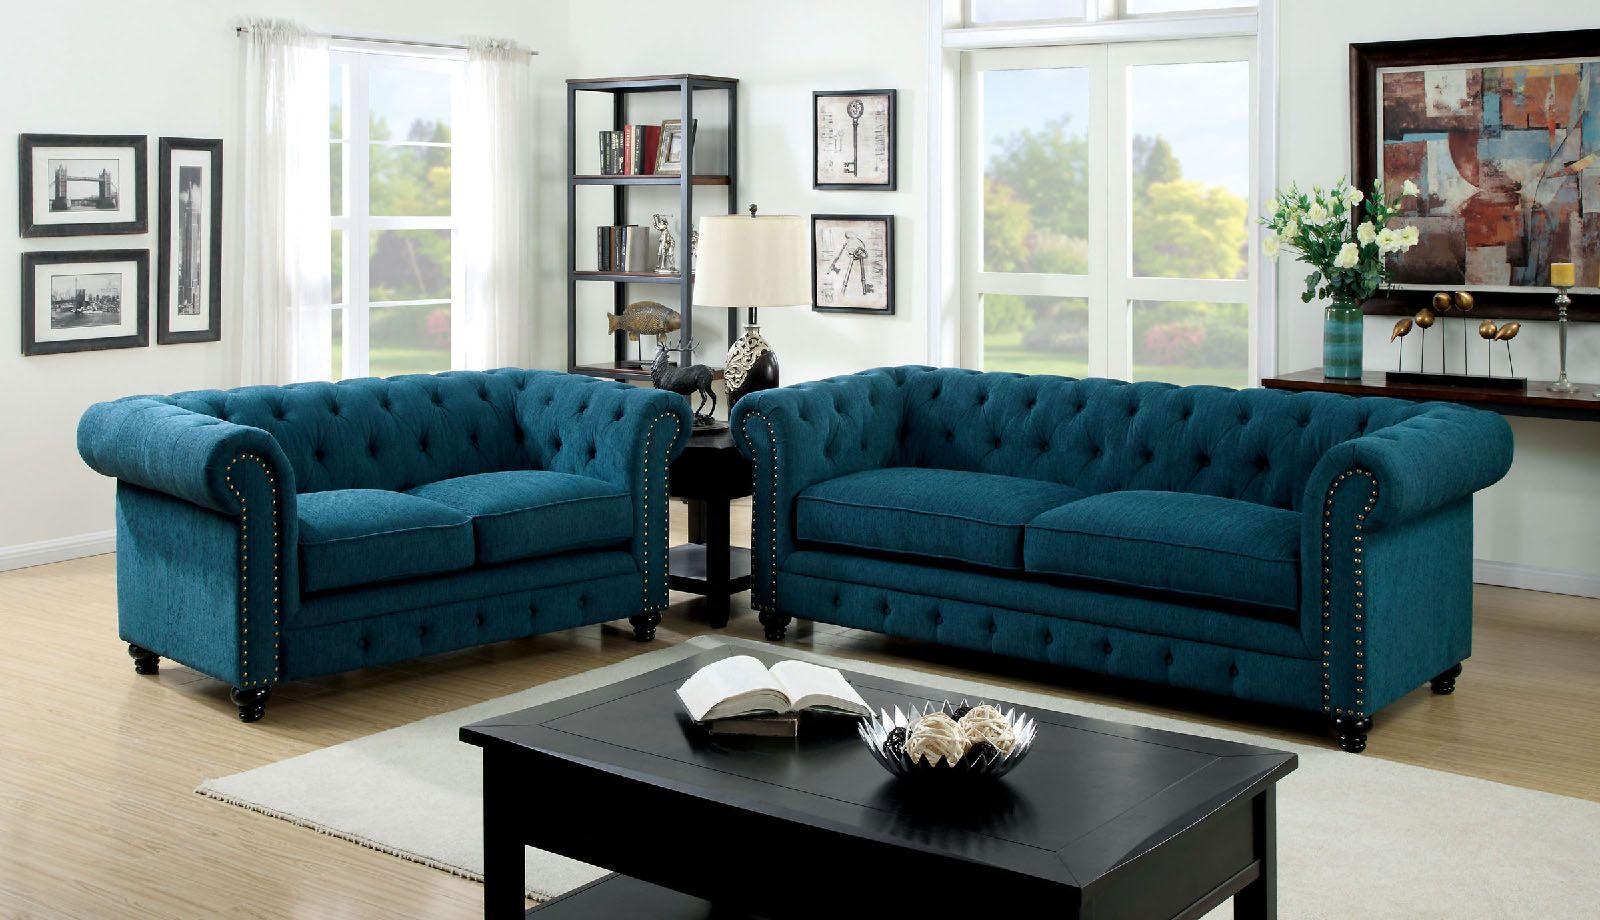 Stanford Blue Tufted Sofa Decoração Sala Estar Decoração Sala Sofá